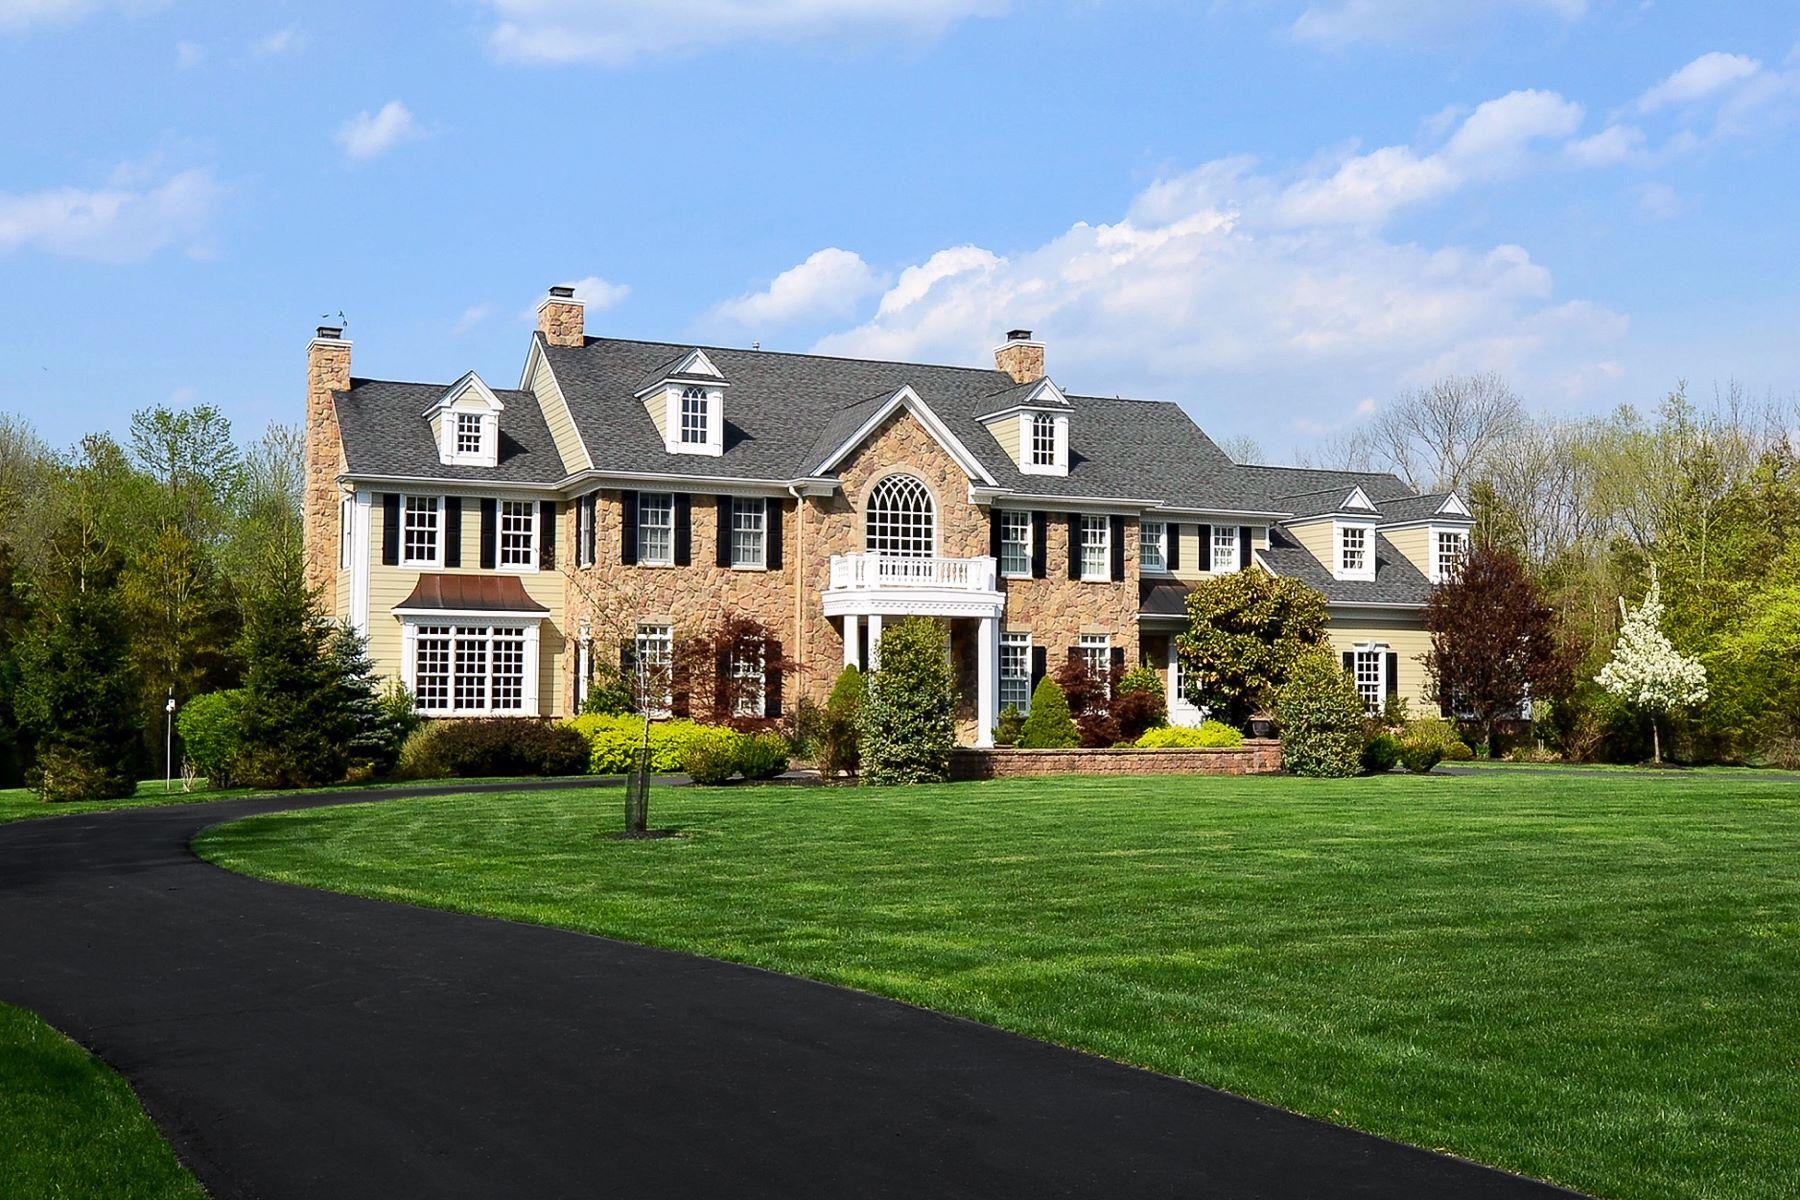 Частный односемейный дом для того Продажа на A Home Of Distinction 40 Birchwood Drive, Princeton, Нью-Джерси 08540 Соединенные ШтатыВ/Около: Montgomery Township